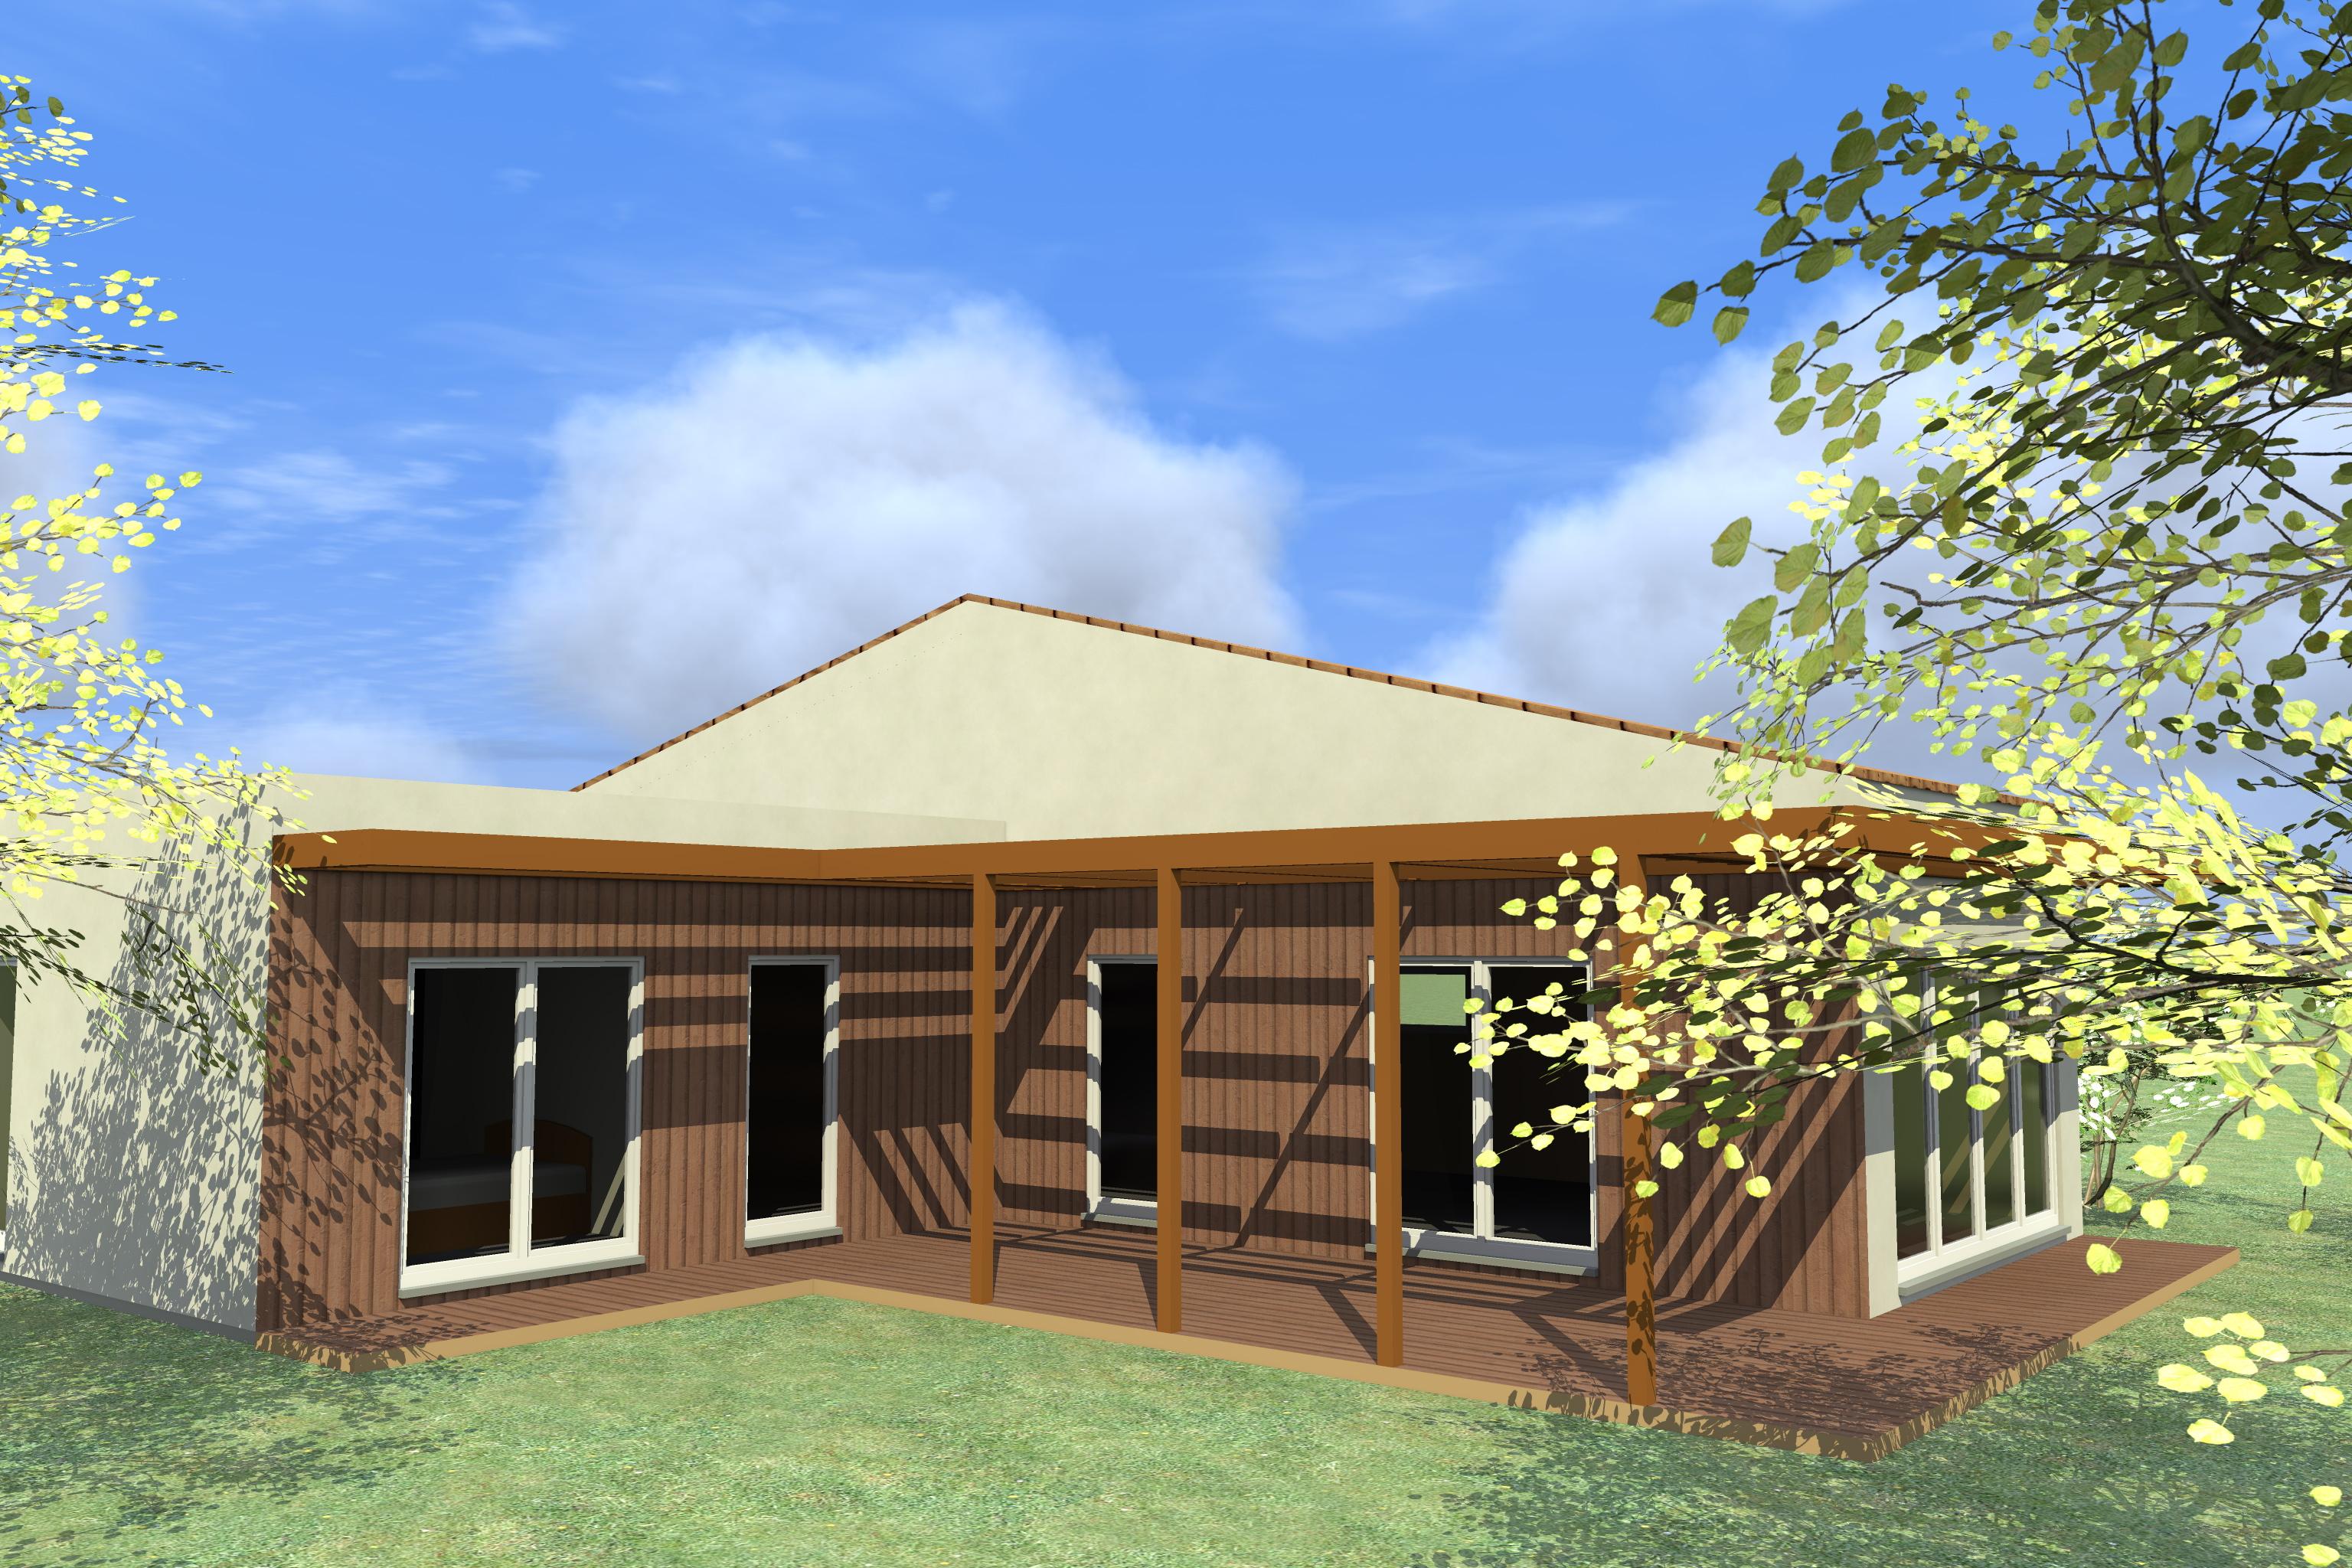 3d maison bois c t sud. Black Bedroom Furniture Sets. Home Design Ideas